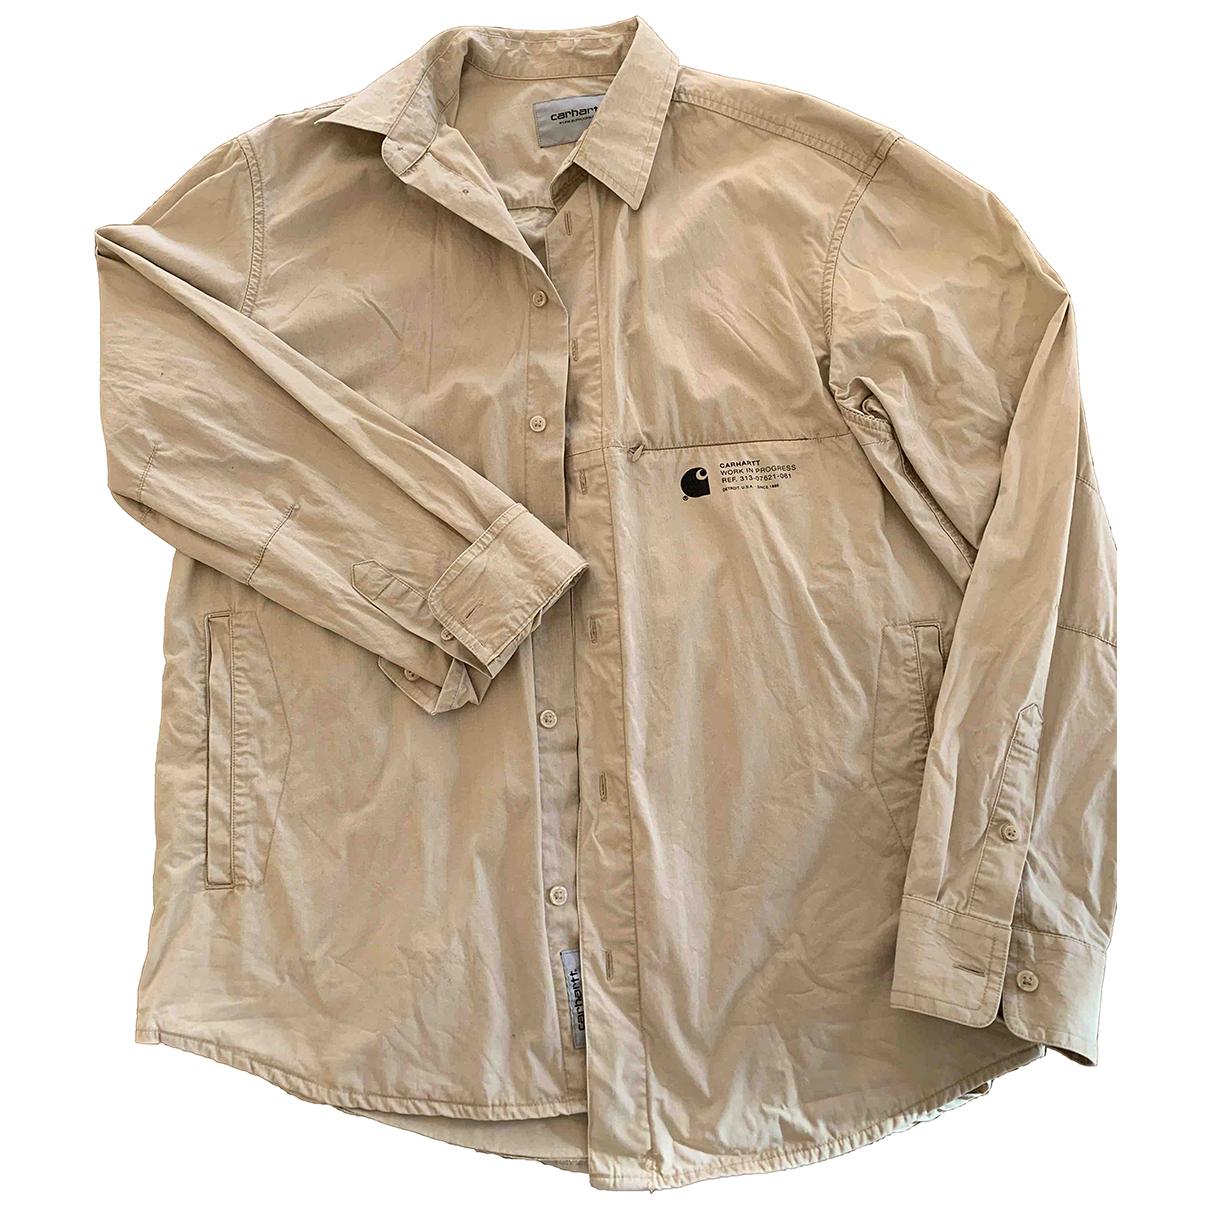 Carhartt Wip - Chemises   pour homme en coton - beige